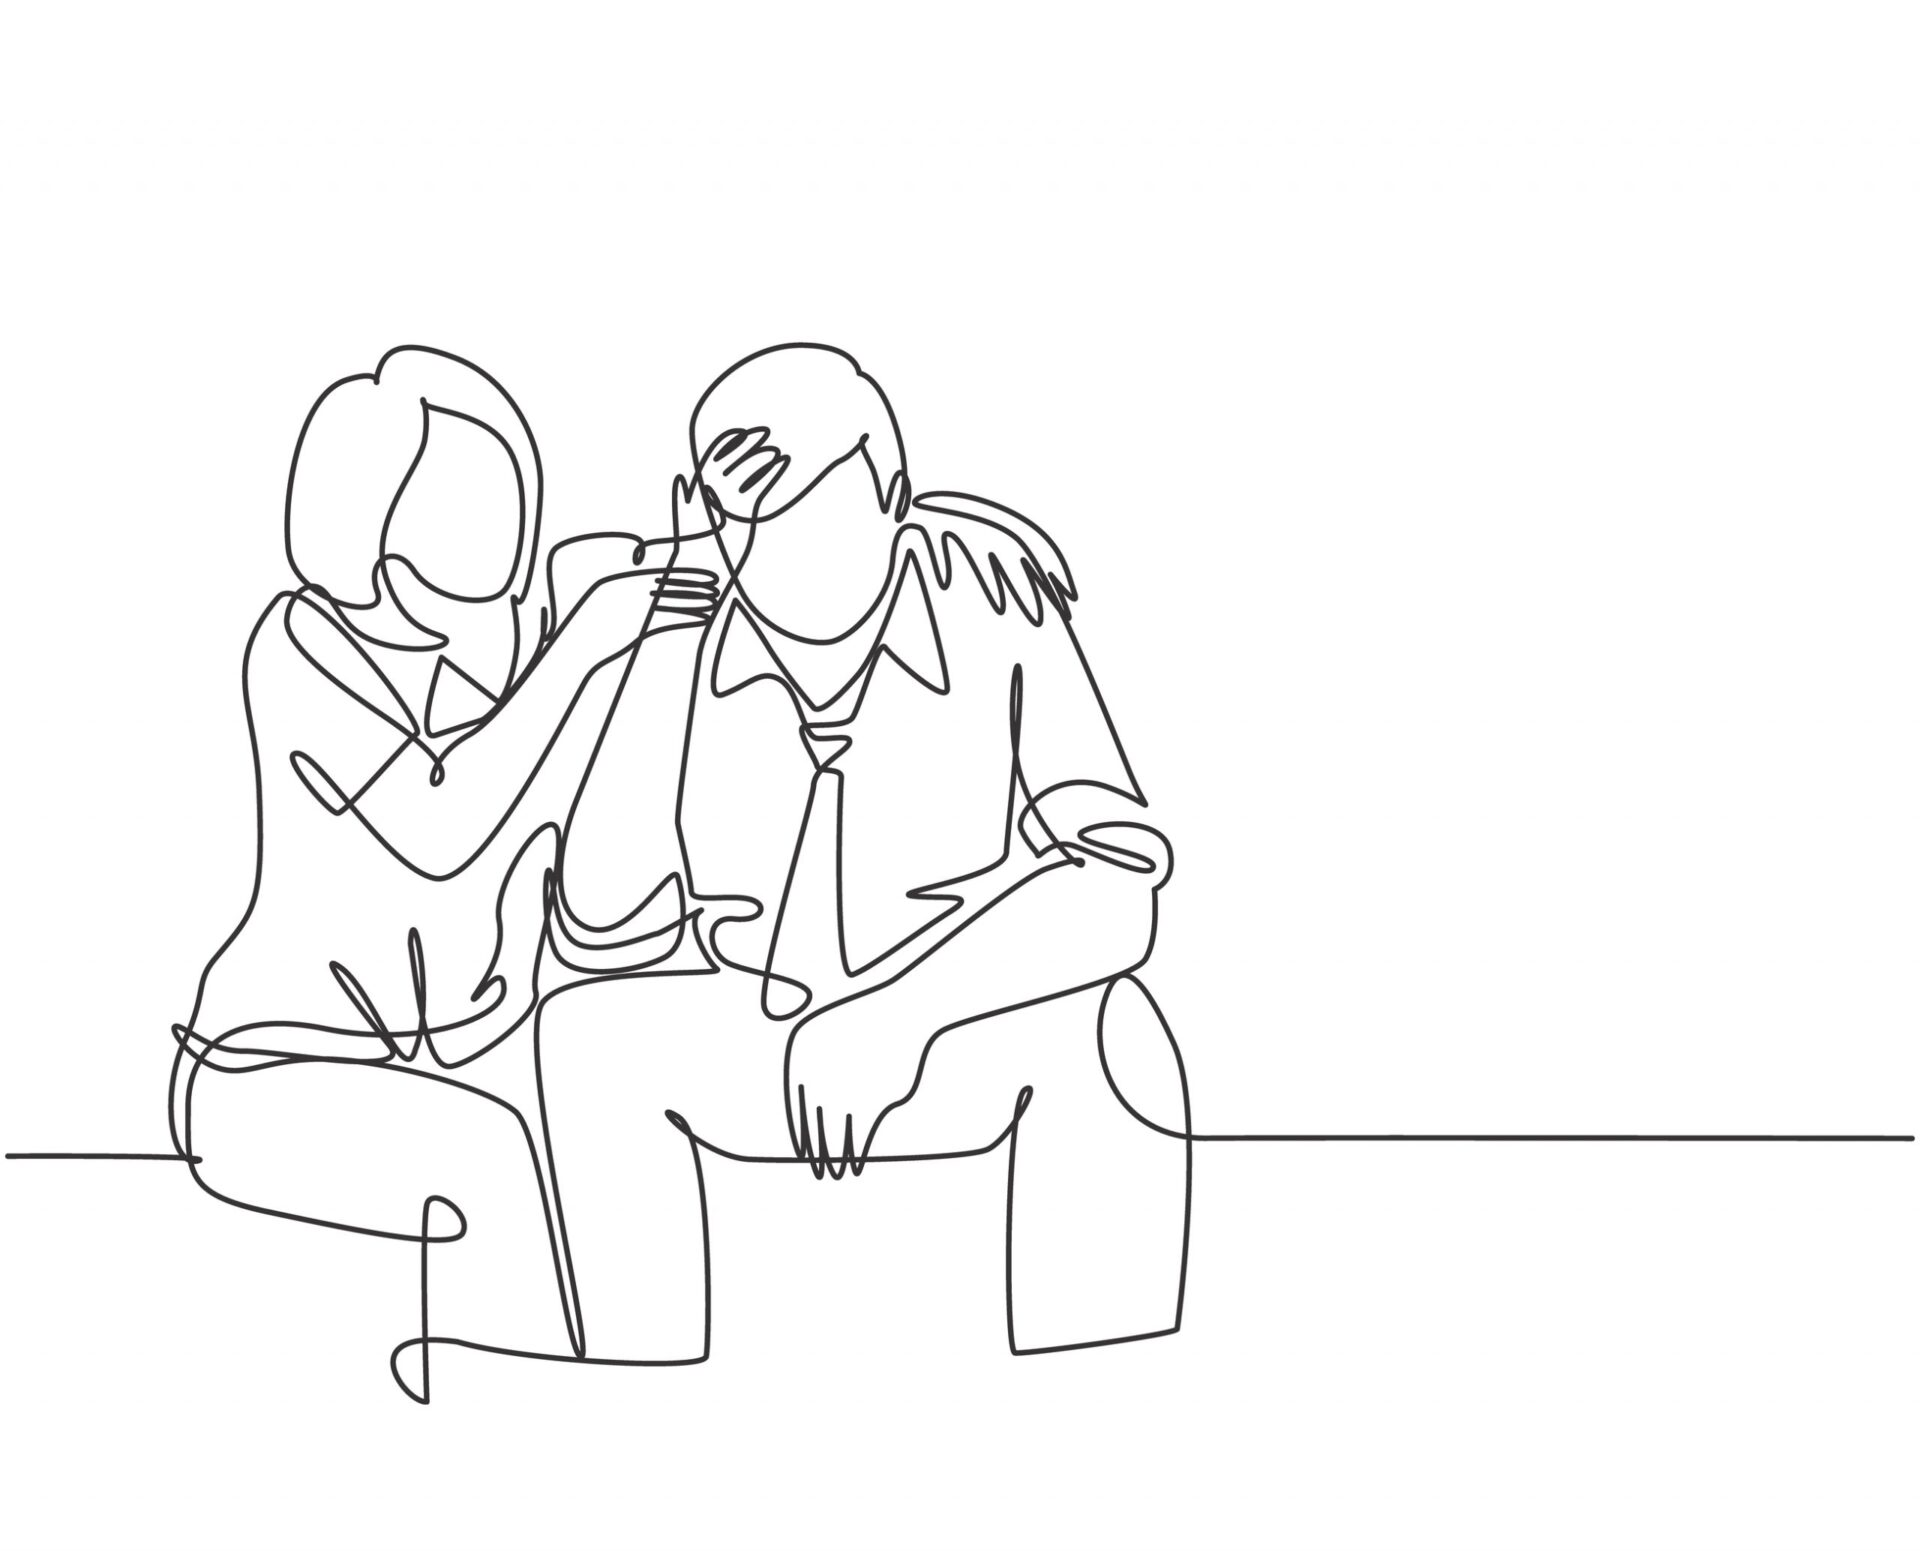 femeie consolându-și partenerul cu depresie